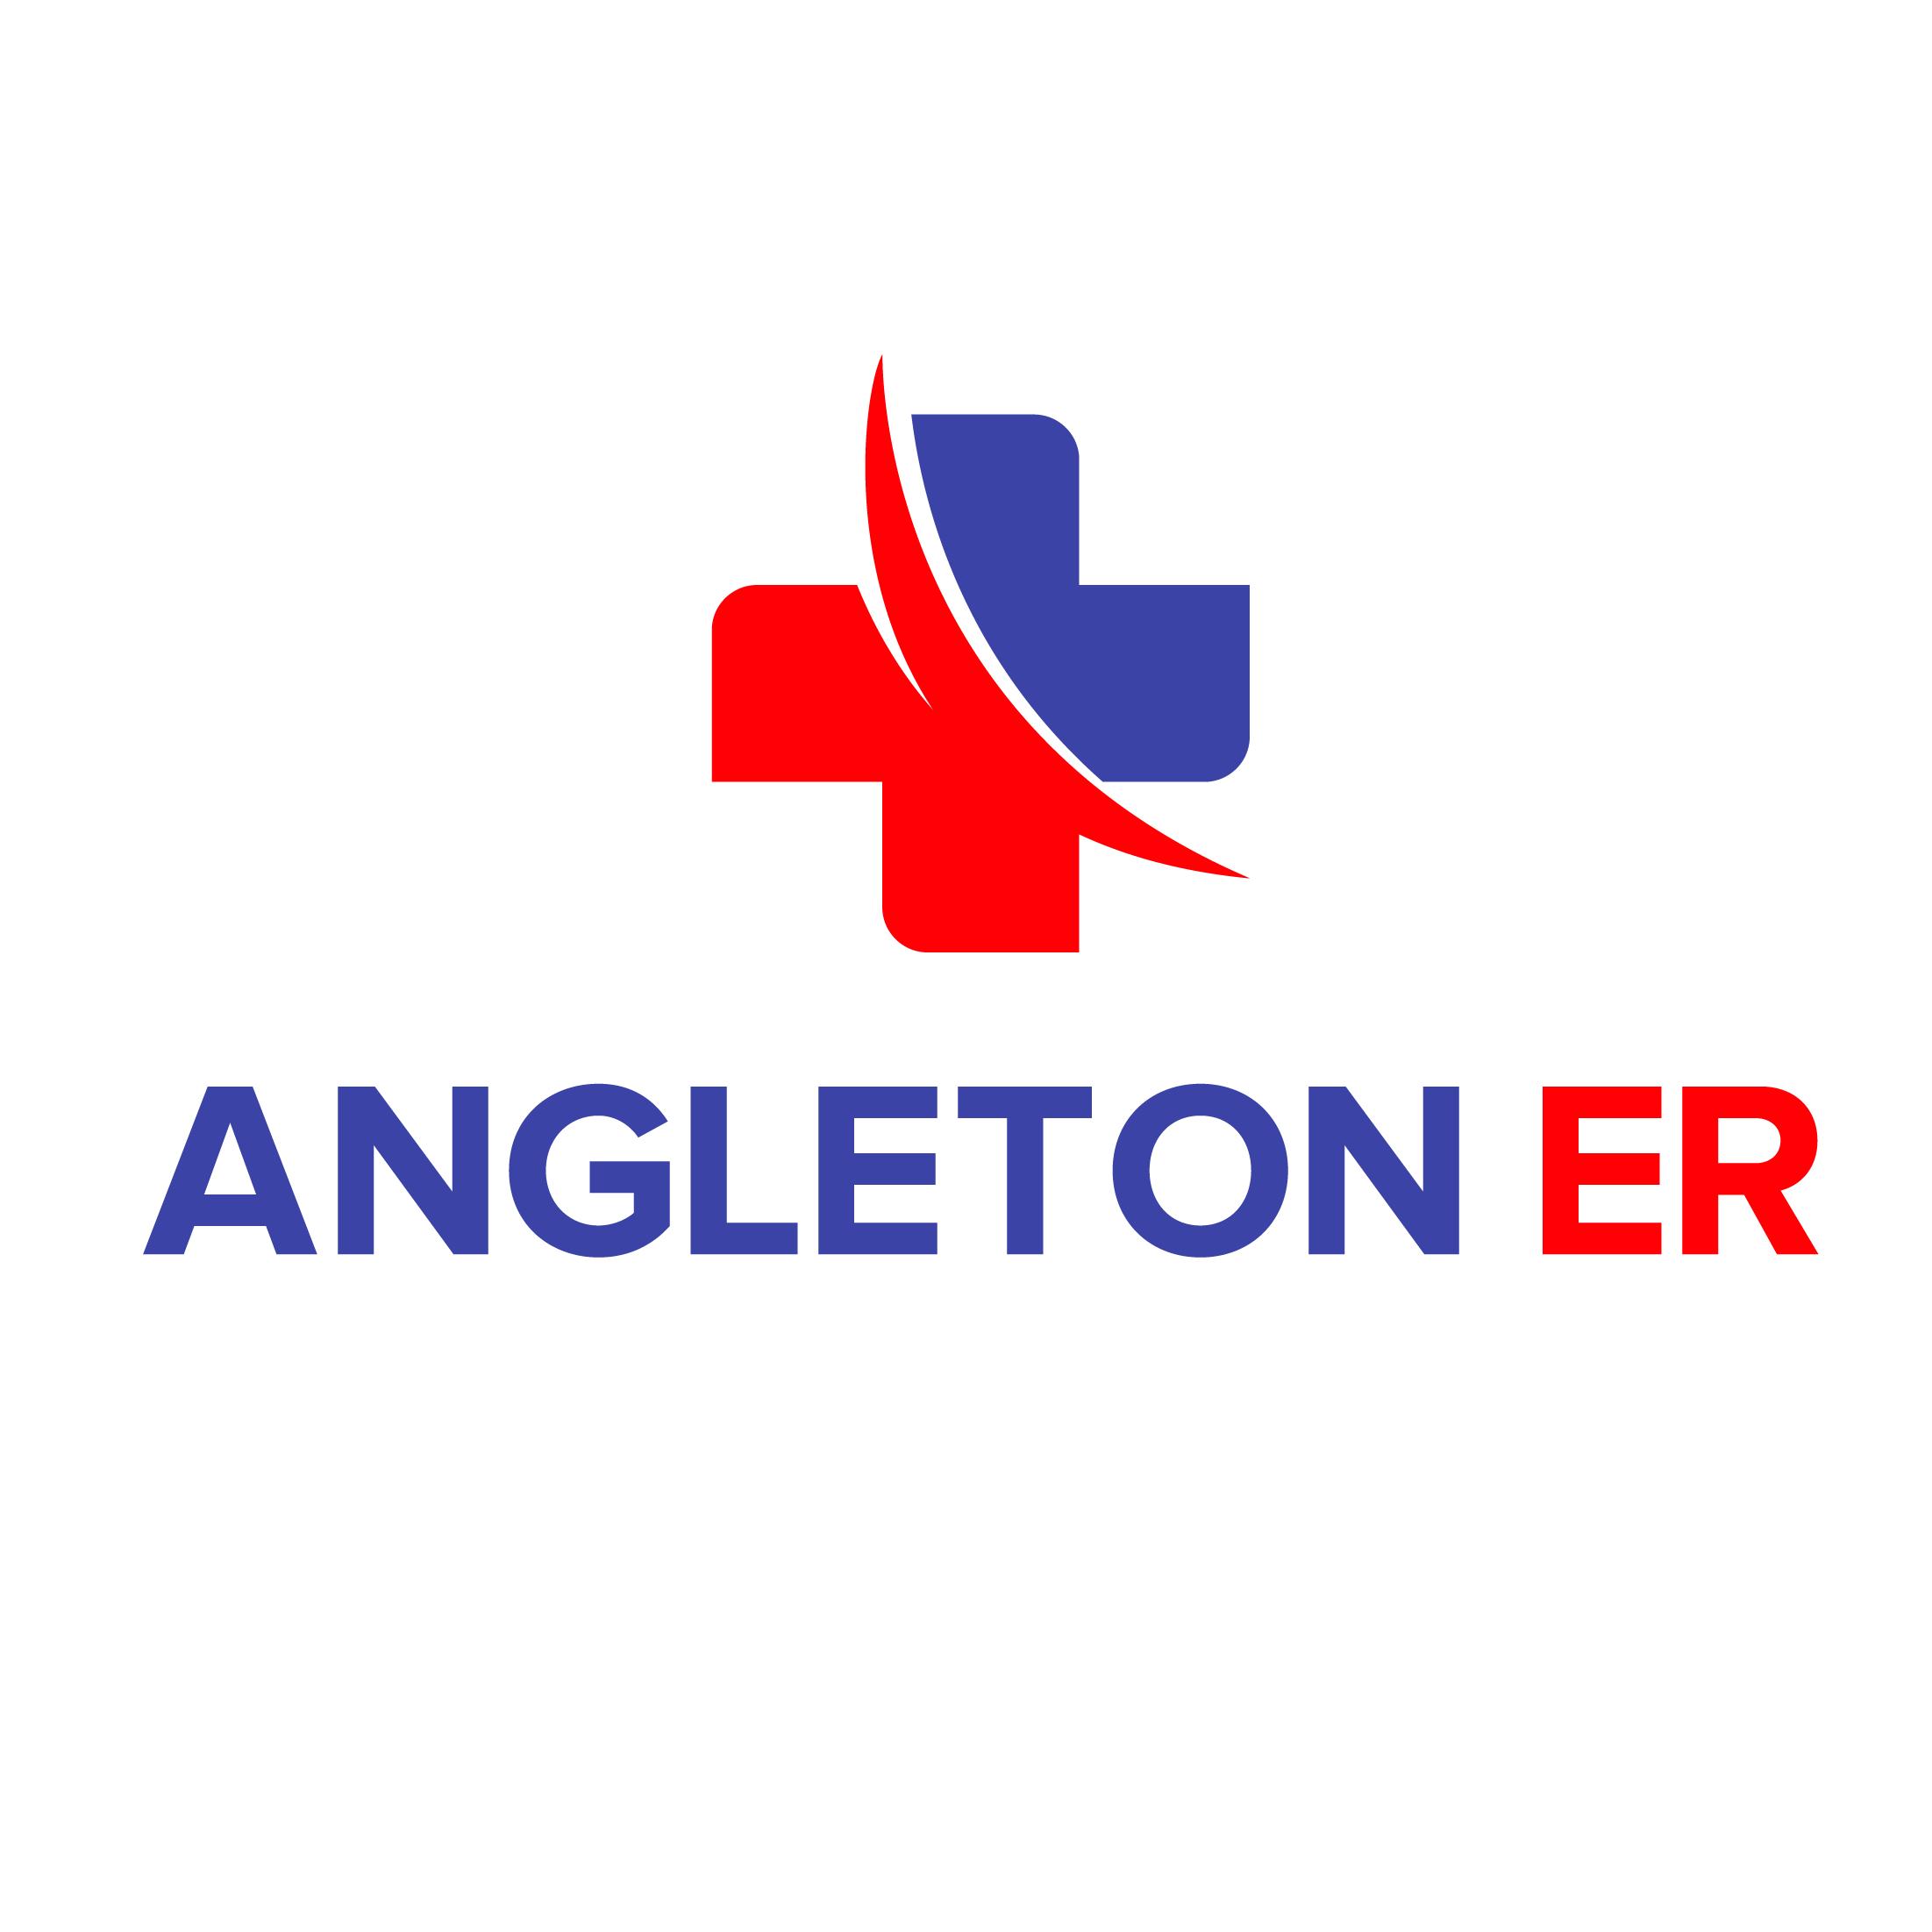 Angleton ER